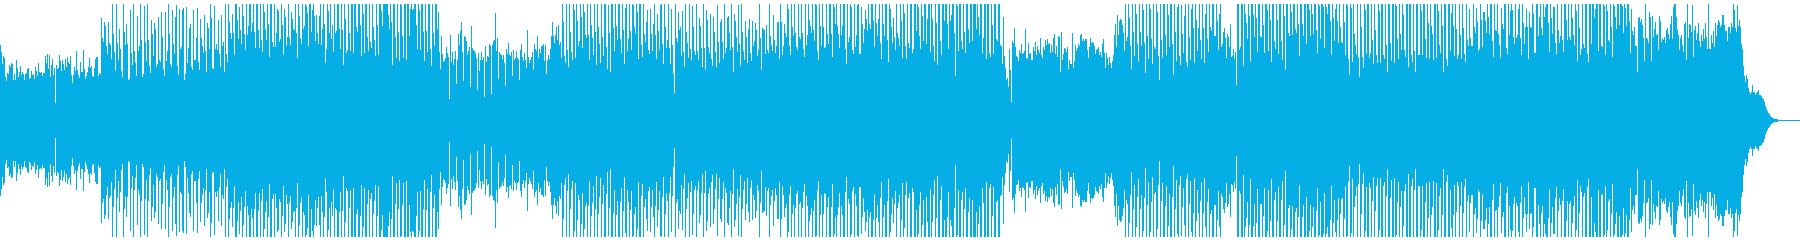 陽気なテクノポップ、重厚なシンセ音の再生済みの波形